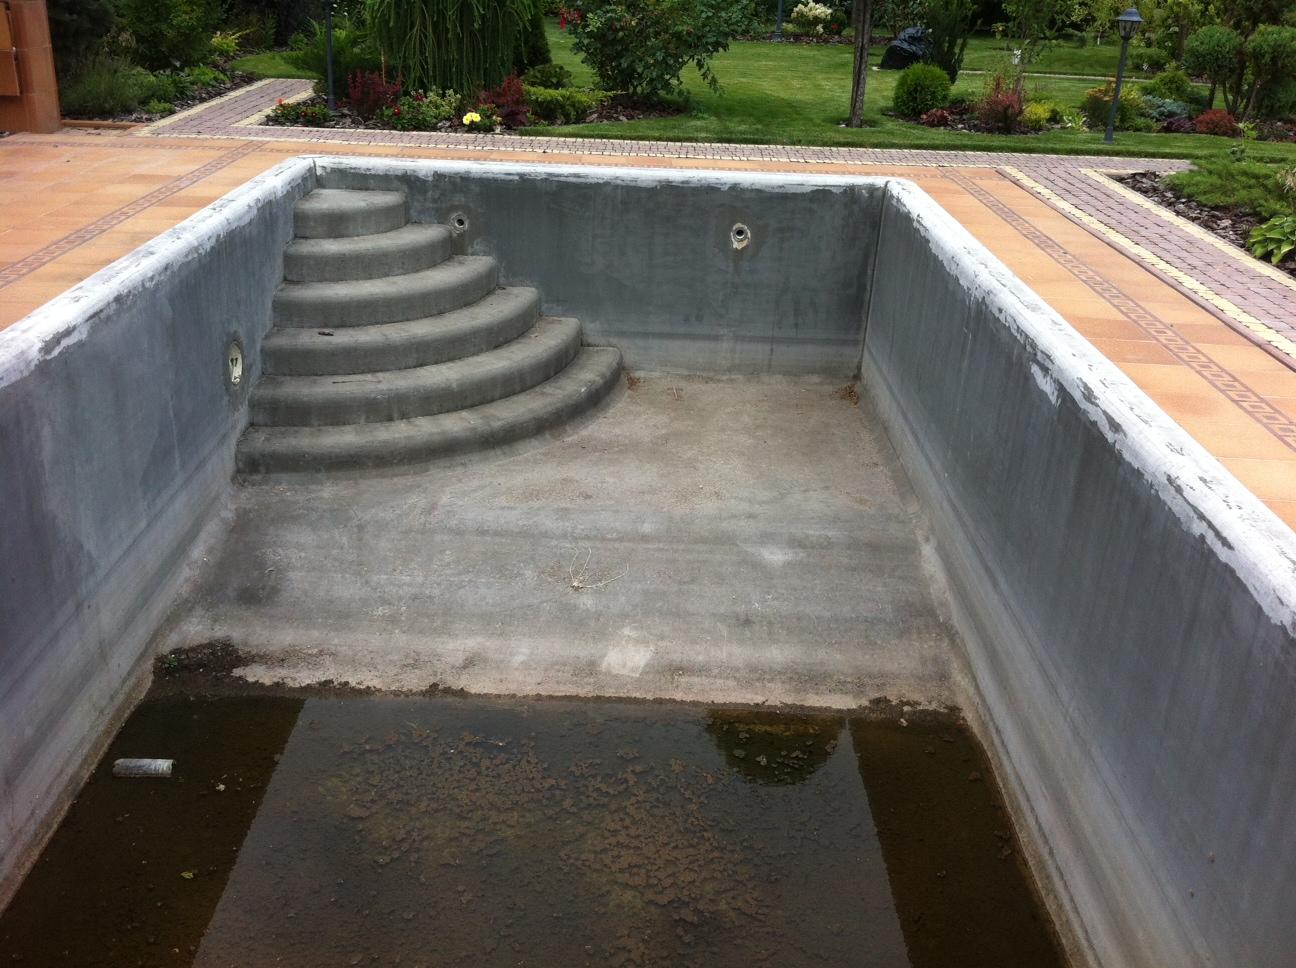 Испанская гидроизоляция гидроизоляция арти